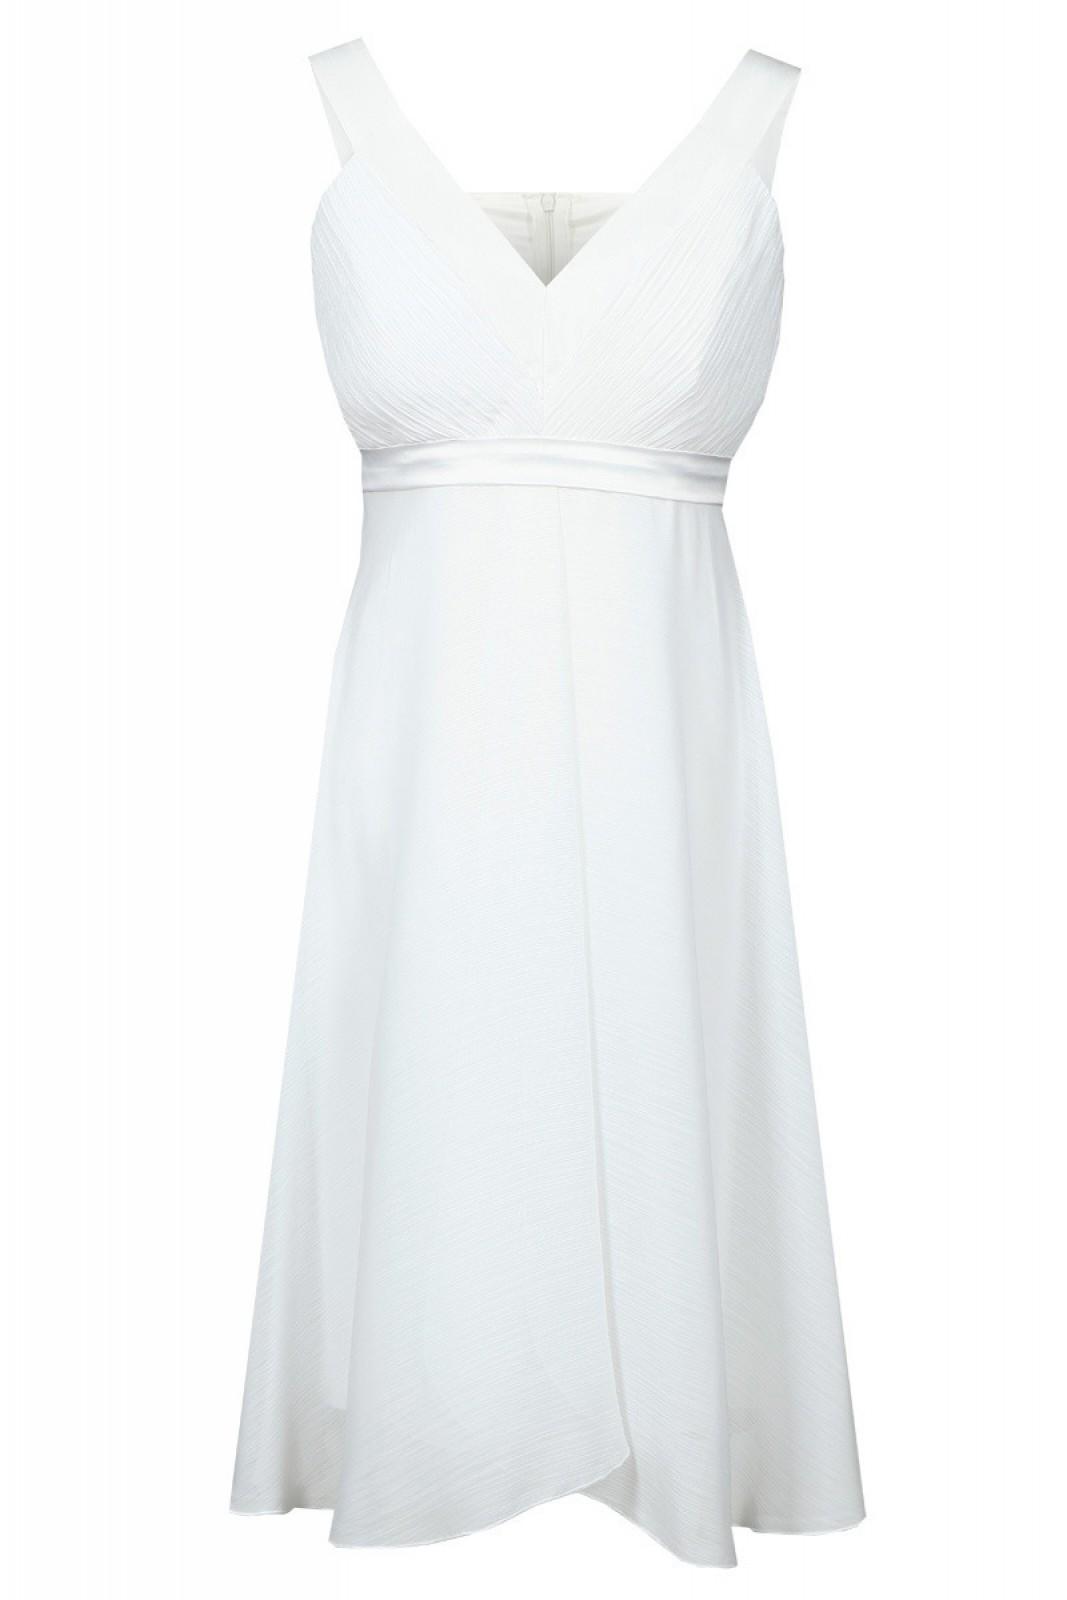 Weisses Partykleider aus luftigem Chiffon bei kleider-boutique.de ...